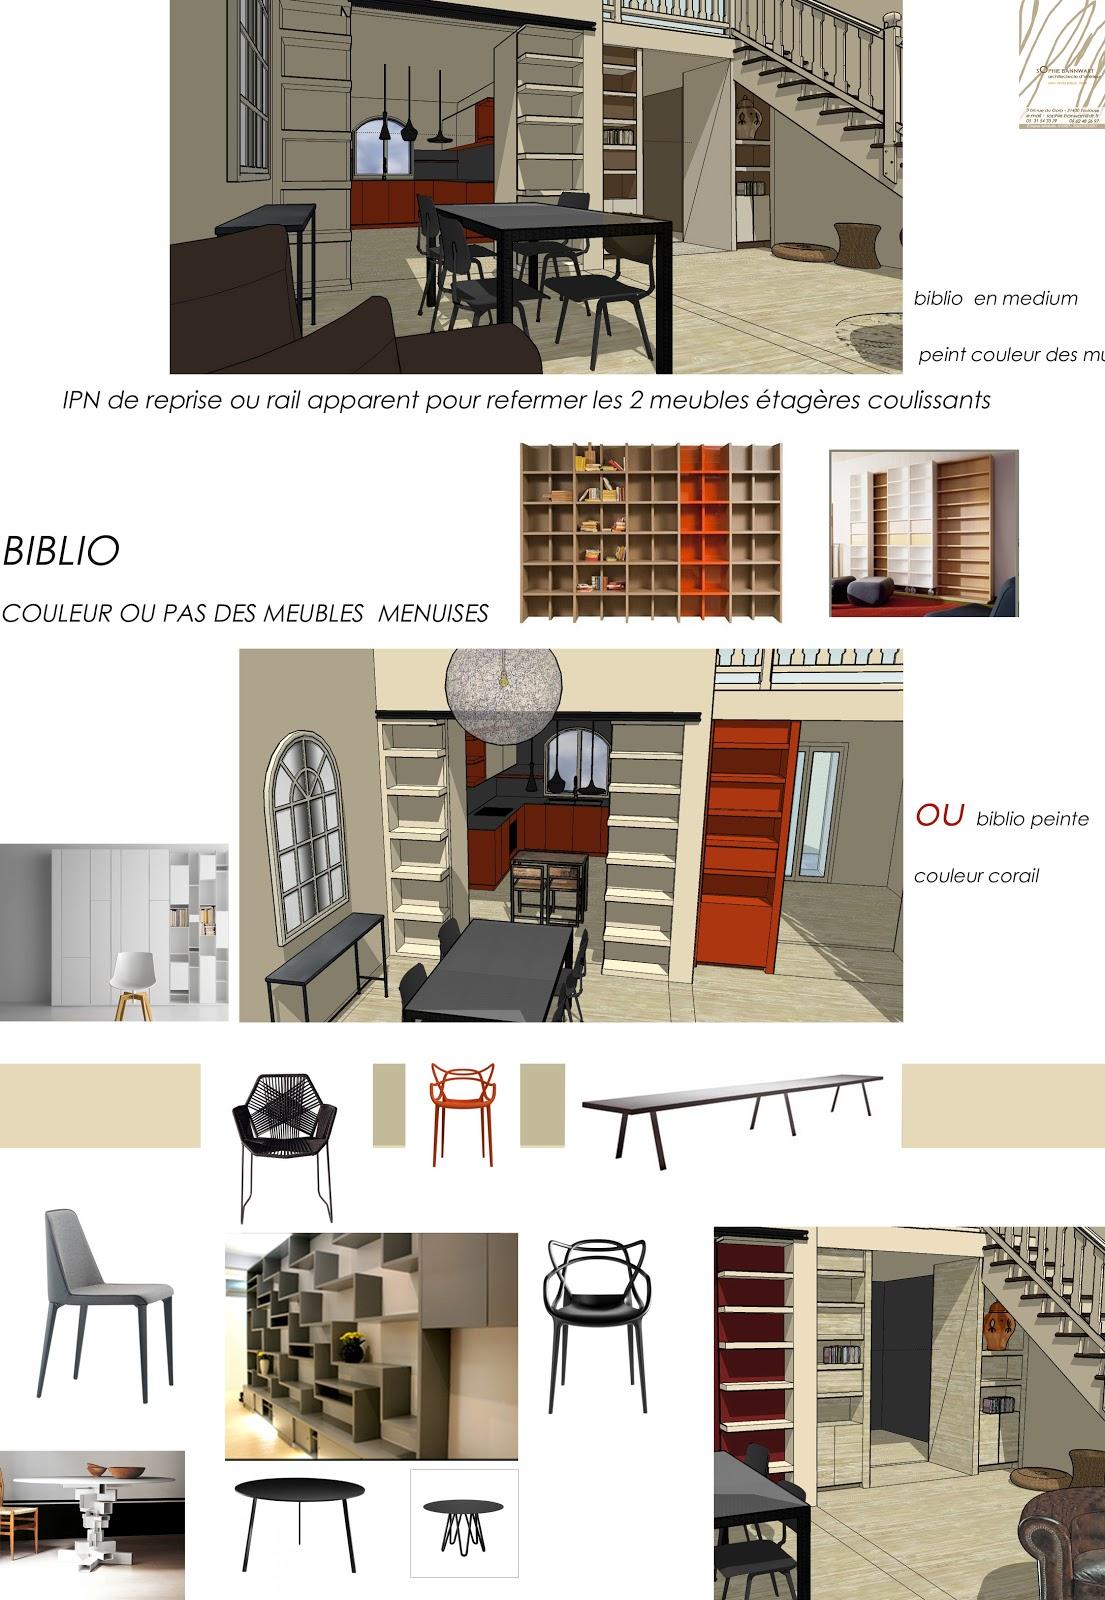 sophie bannwart architecte d 39 int rieur architecture int rieure r novationhabitat priv. Black Bedroom Furniture Sets. Home Design Ideas